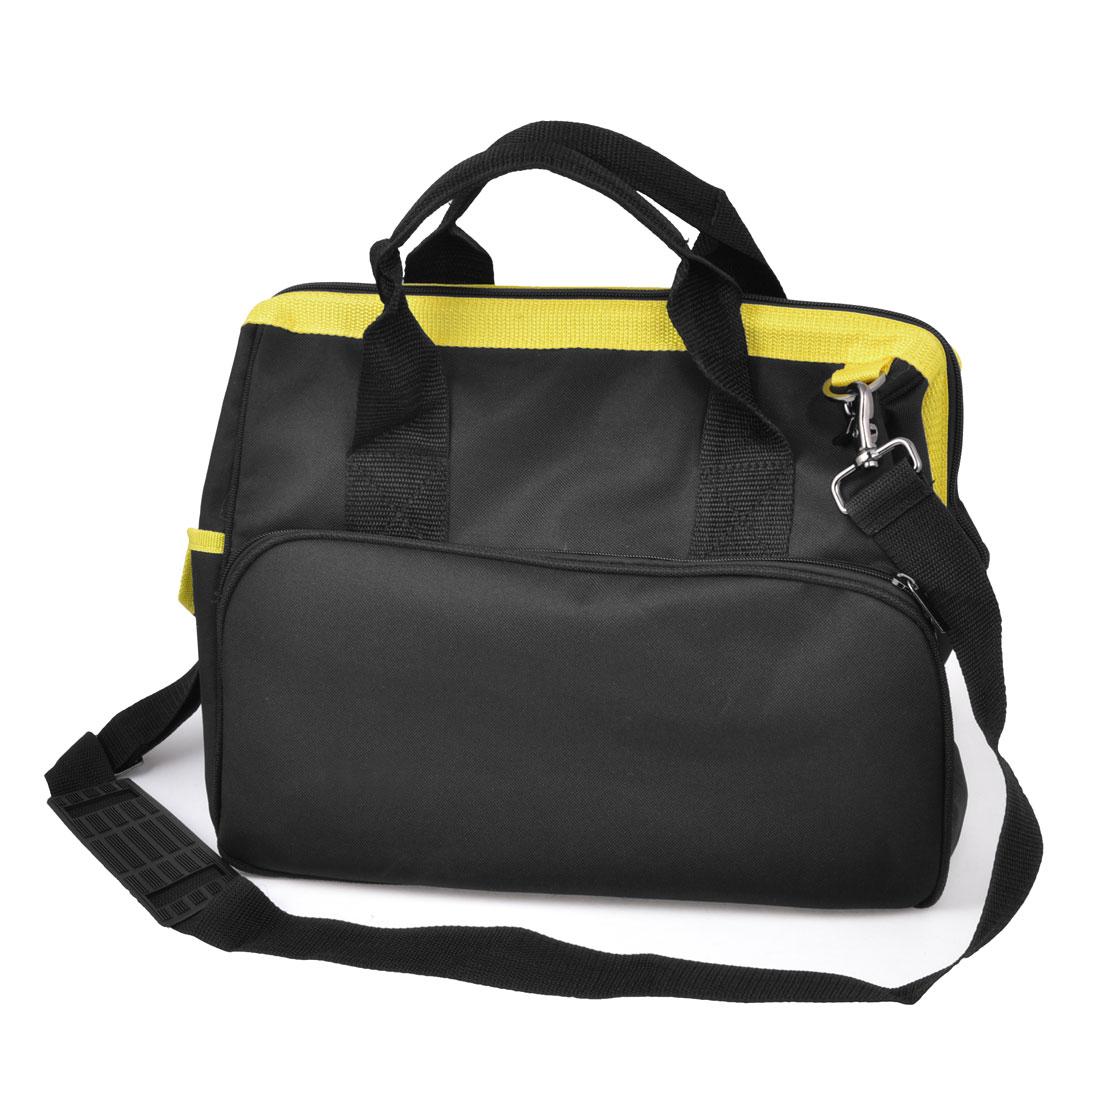 Adjustable Shoulder Strap Black Yellow Electrician Tools Shoulder Bag